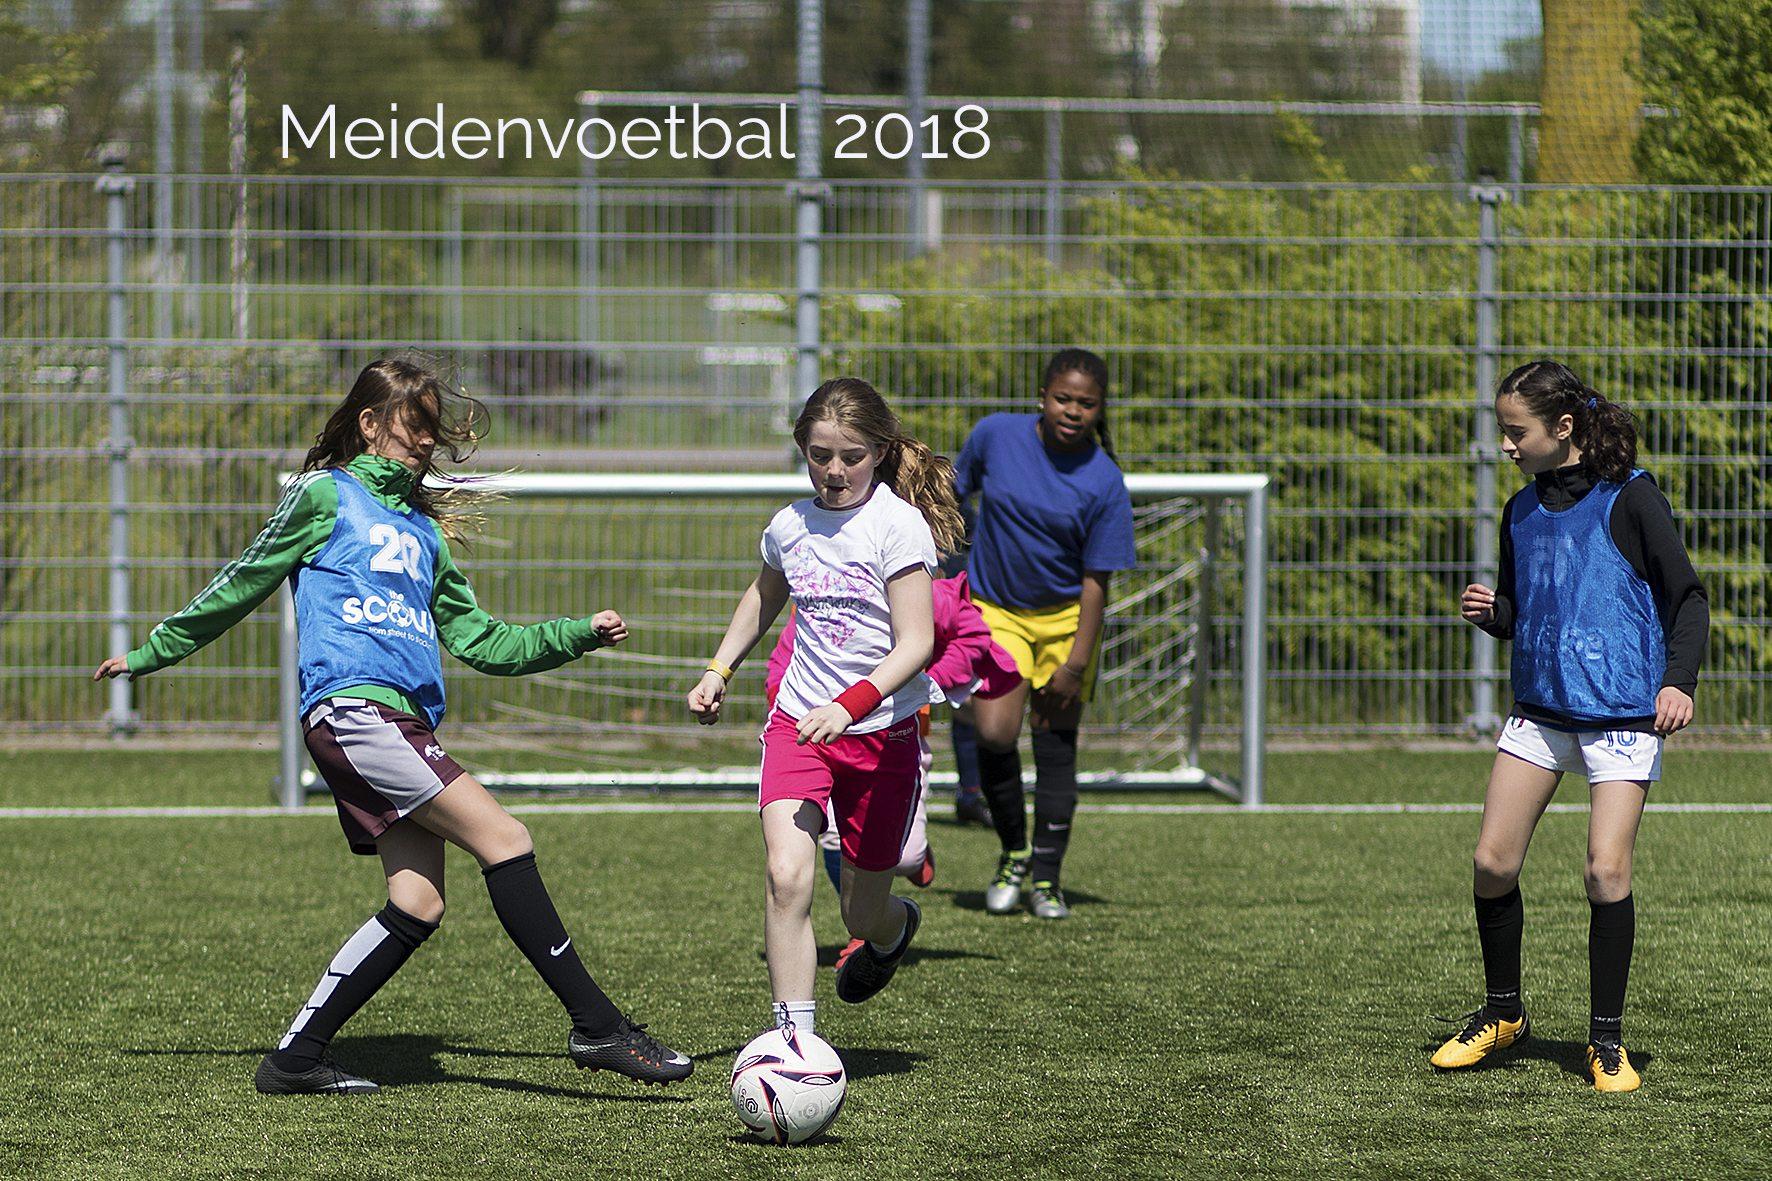 Meidenvoetbal